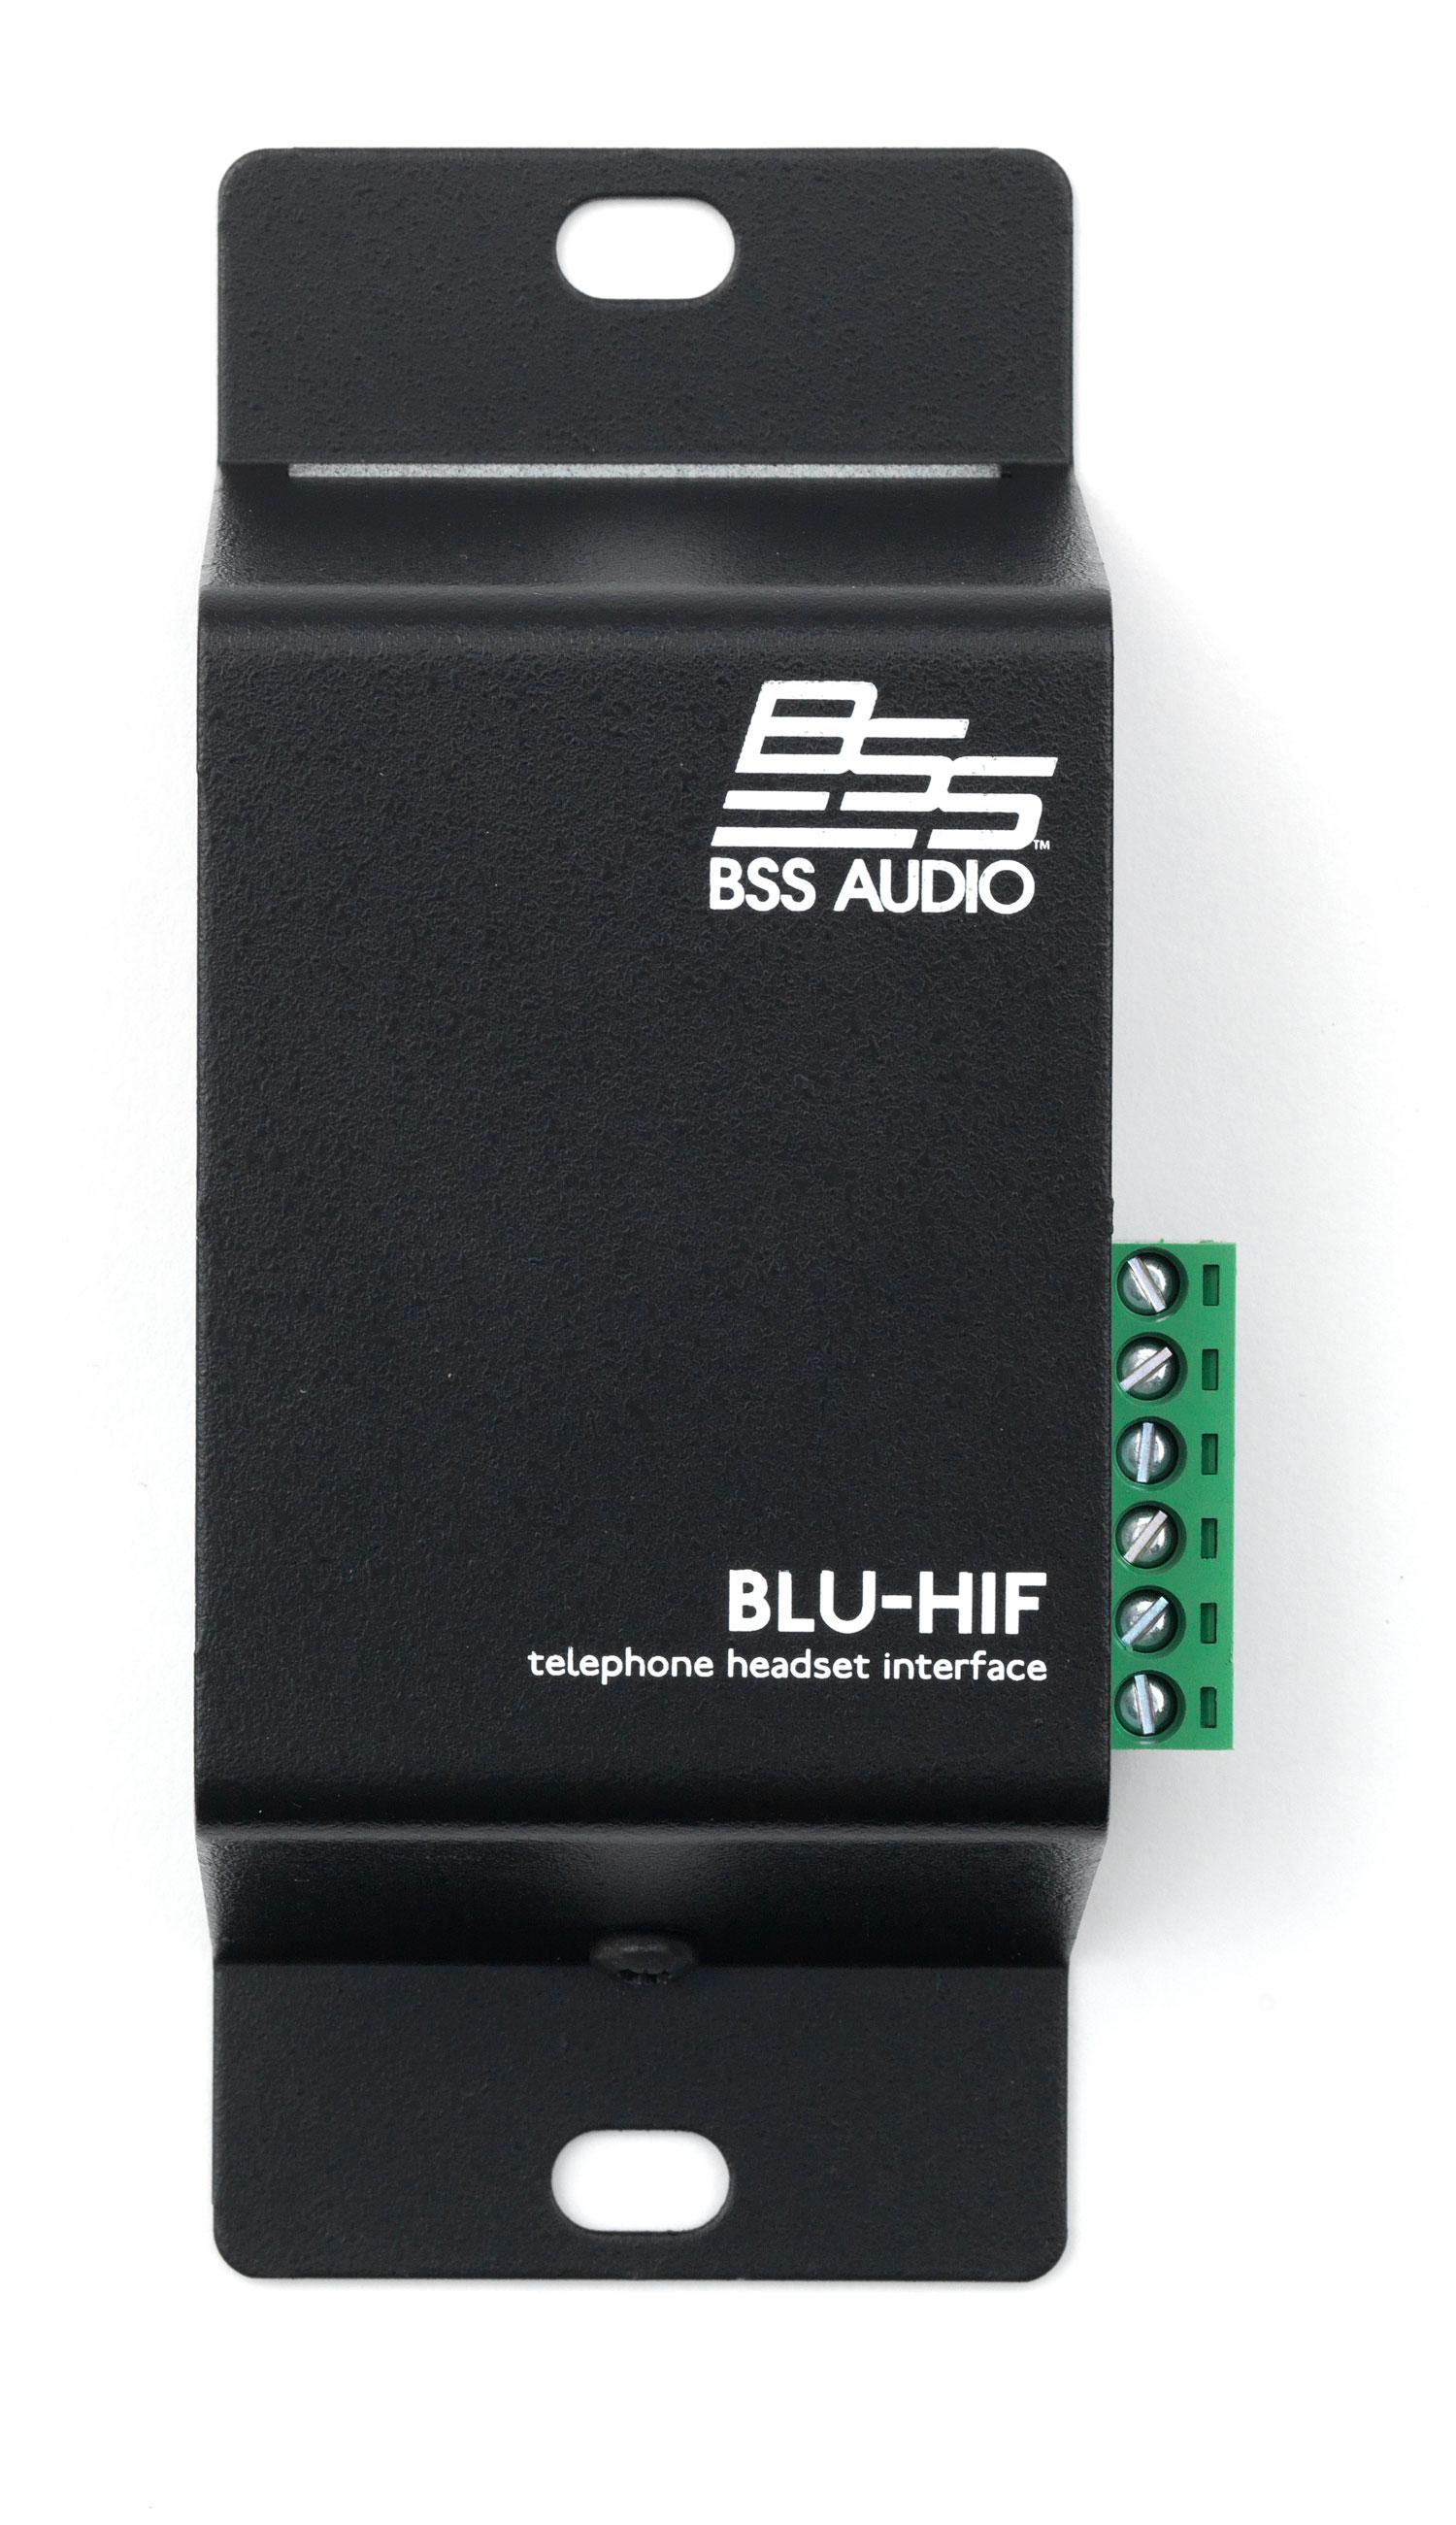 Bss Blu 102 manual